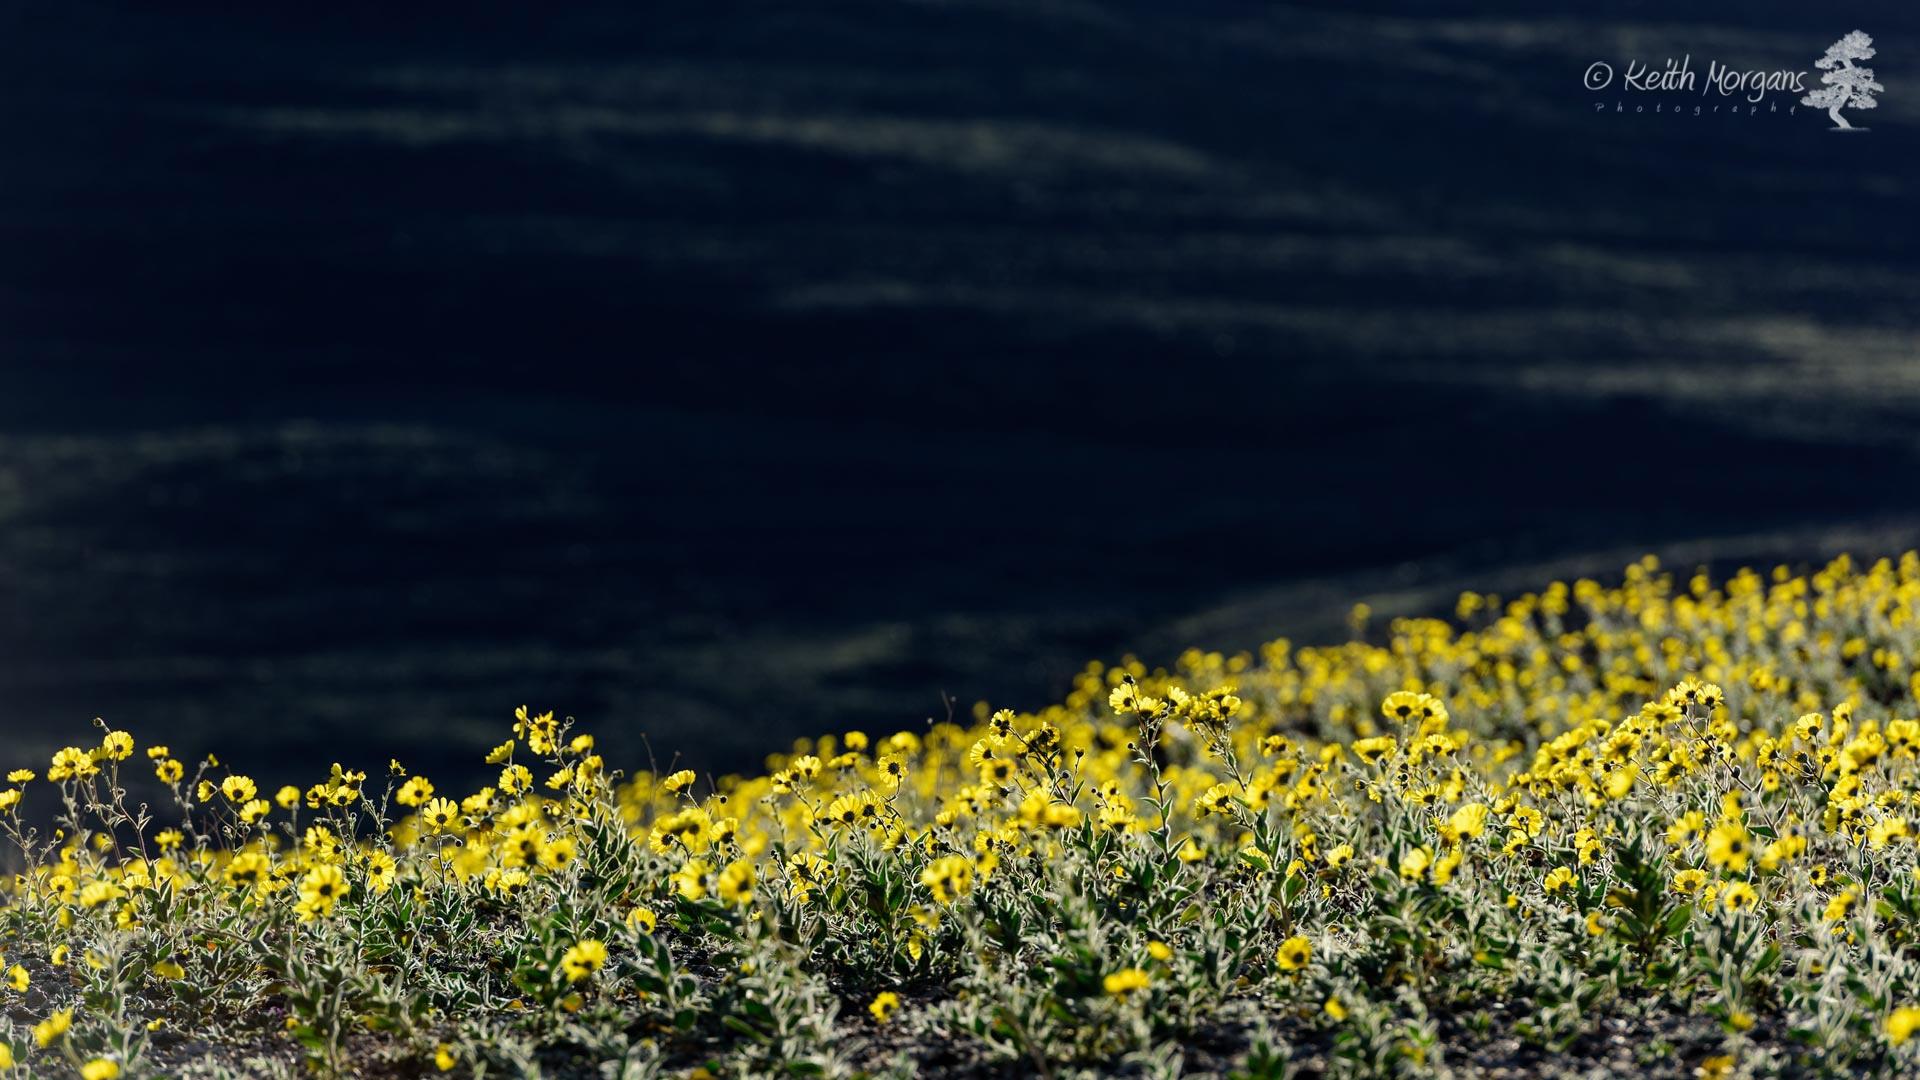 Death Valley, CA by keith.morgans